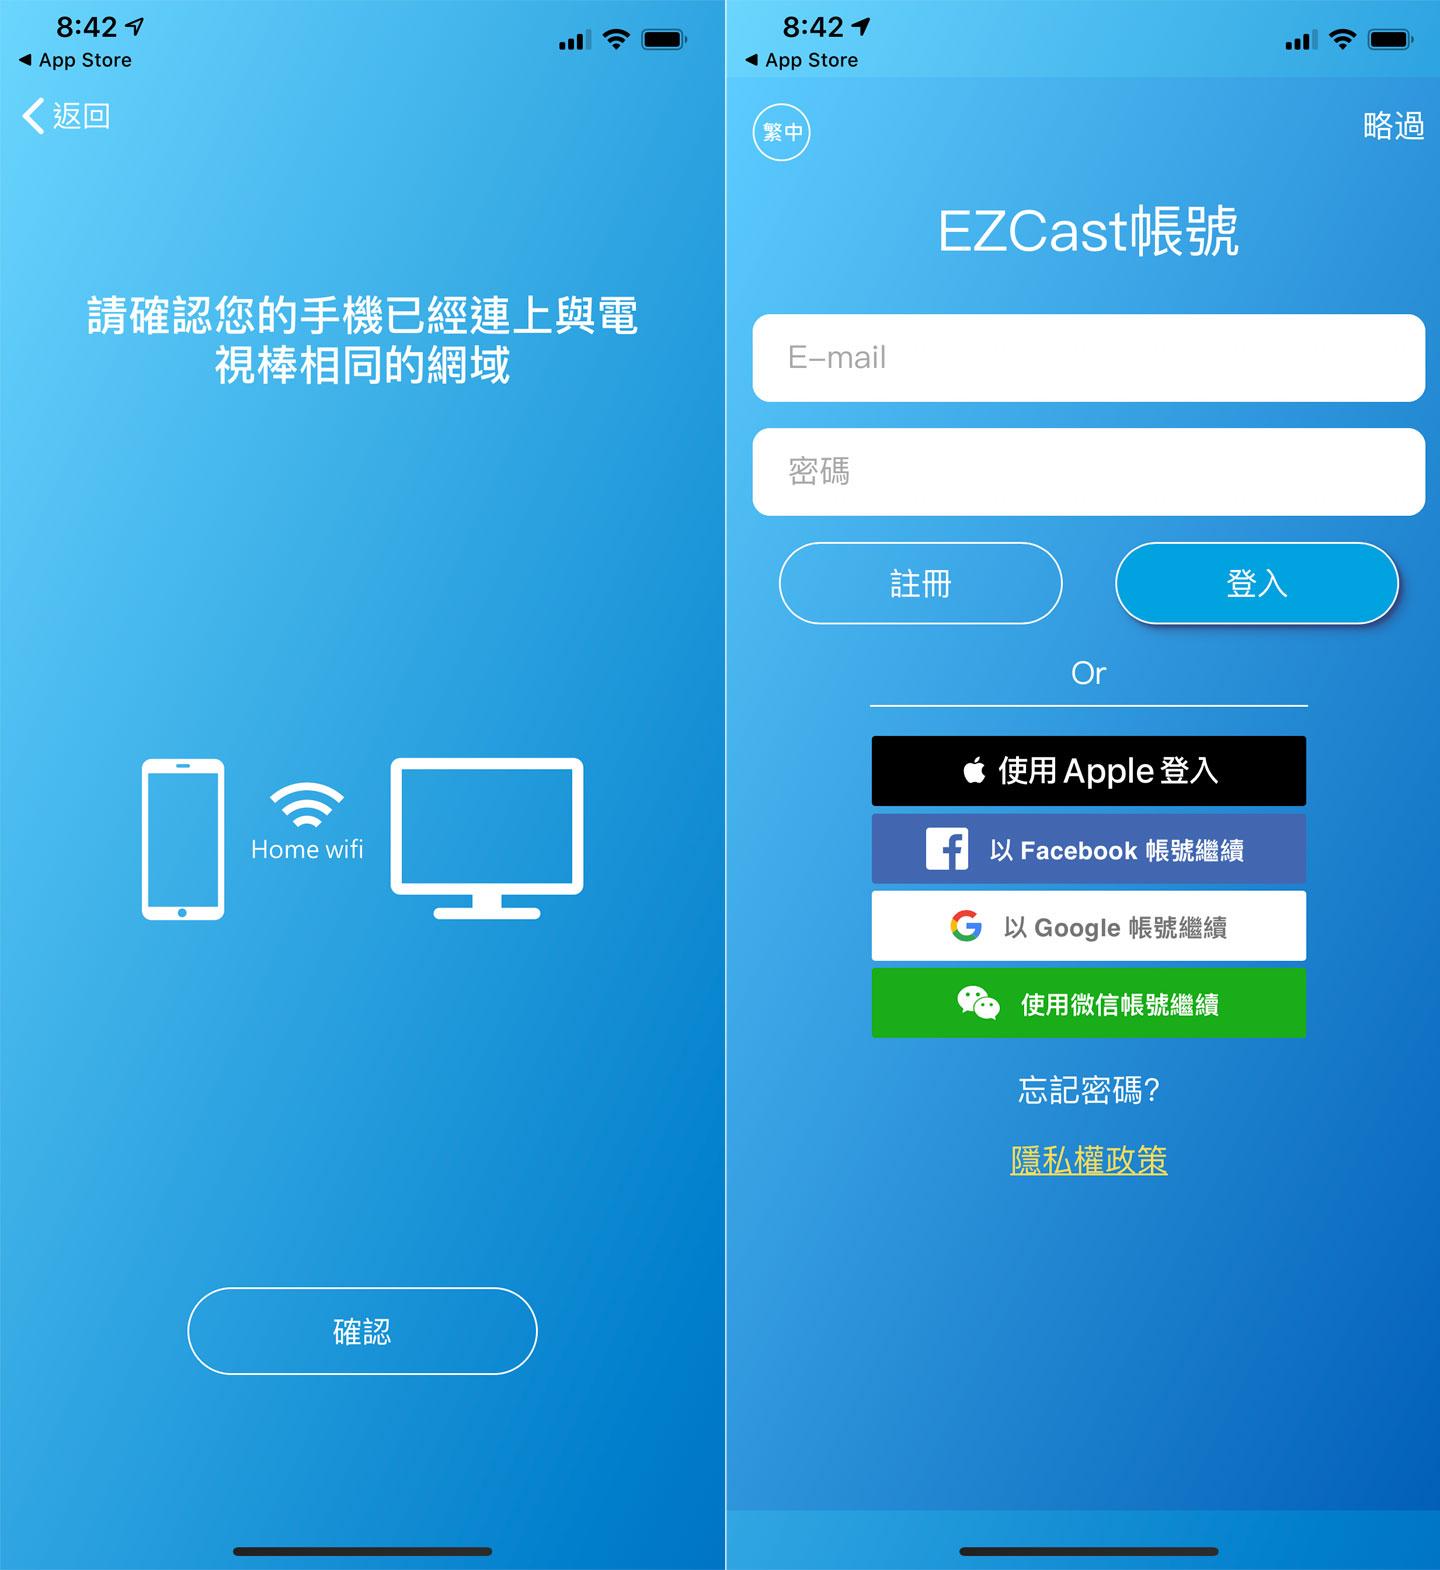 連結好 Wi-Fi 之後,接著可進一步登入 EZCast 帳號來使用更多客製化功能,你可以新註冊一組帳號,或是以下方的各種社群服務連結來進行登入。